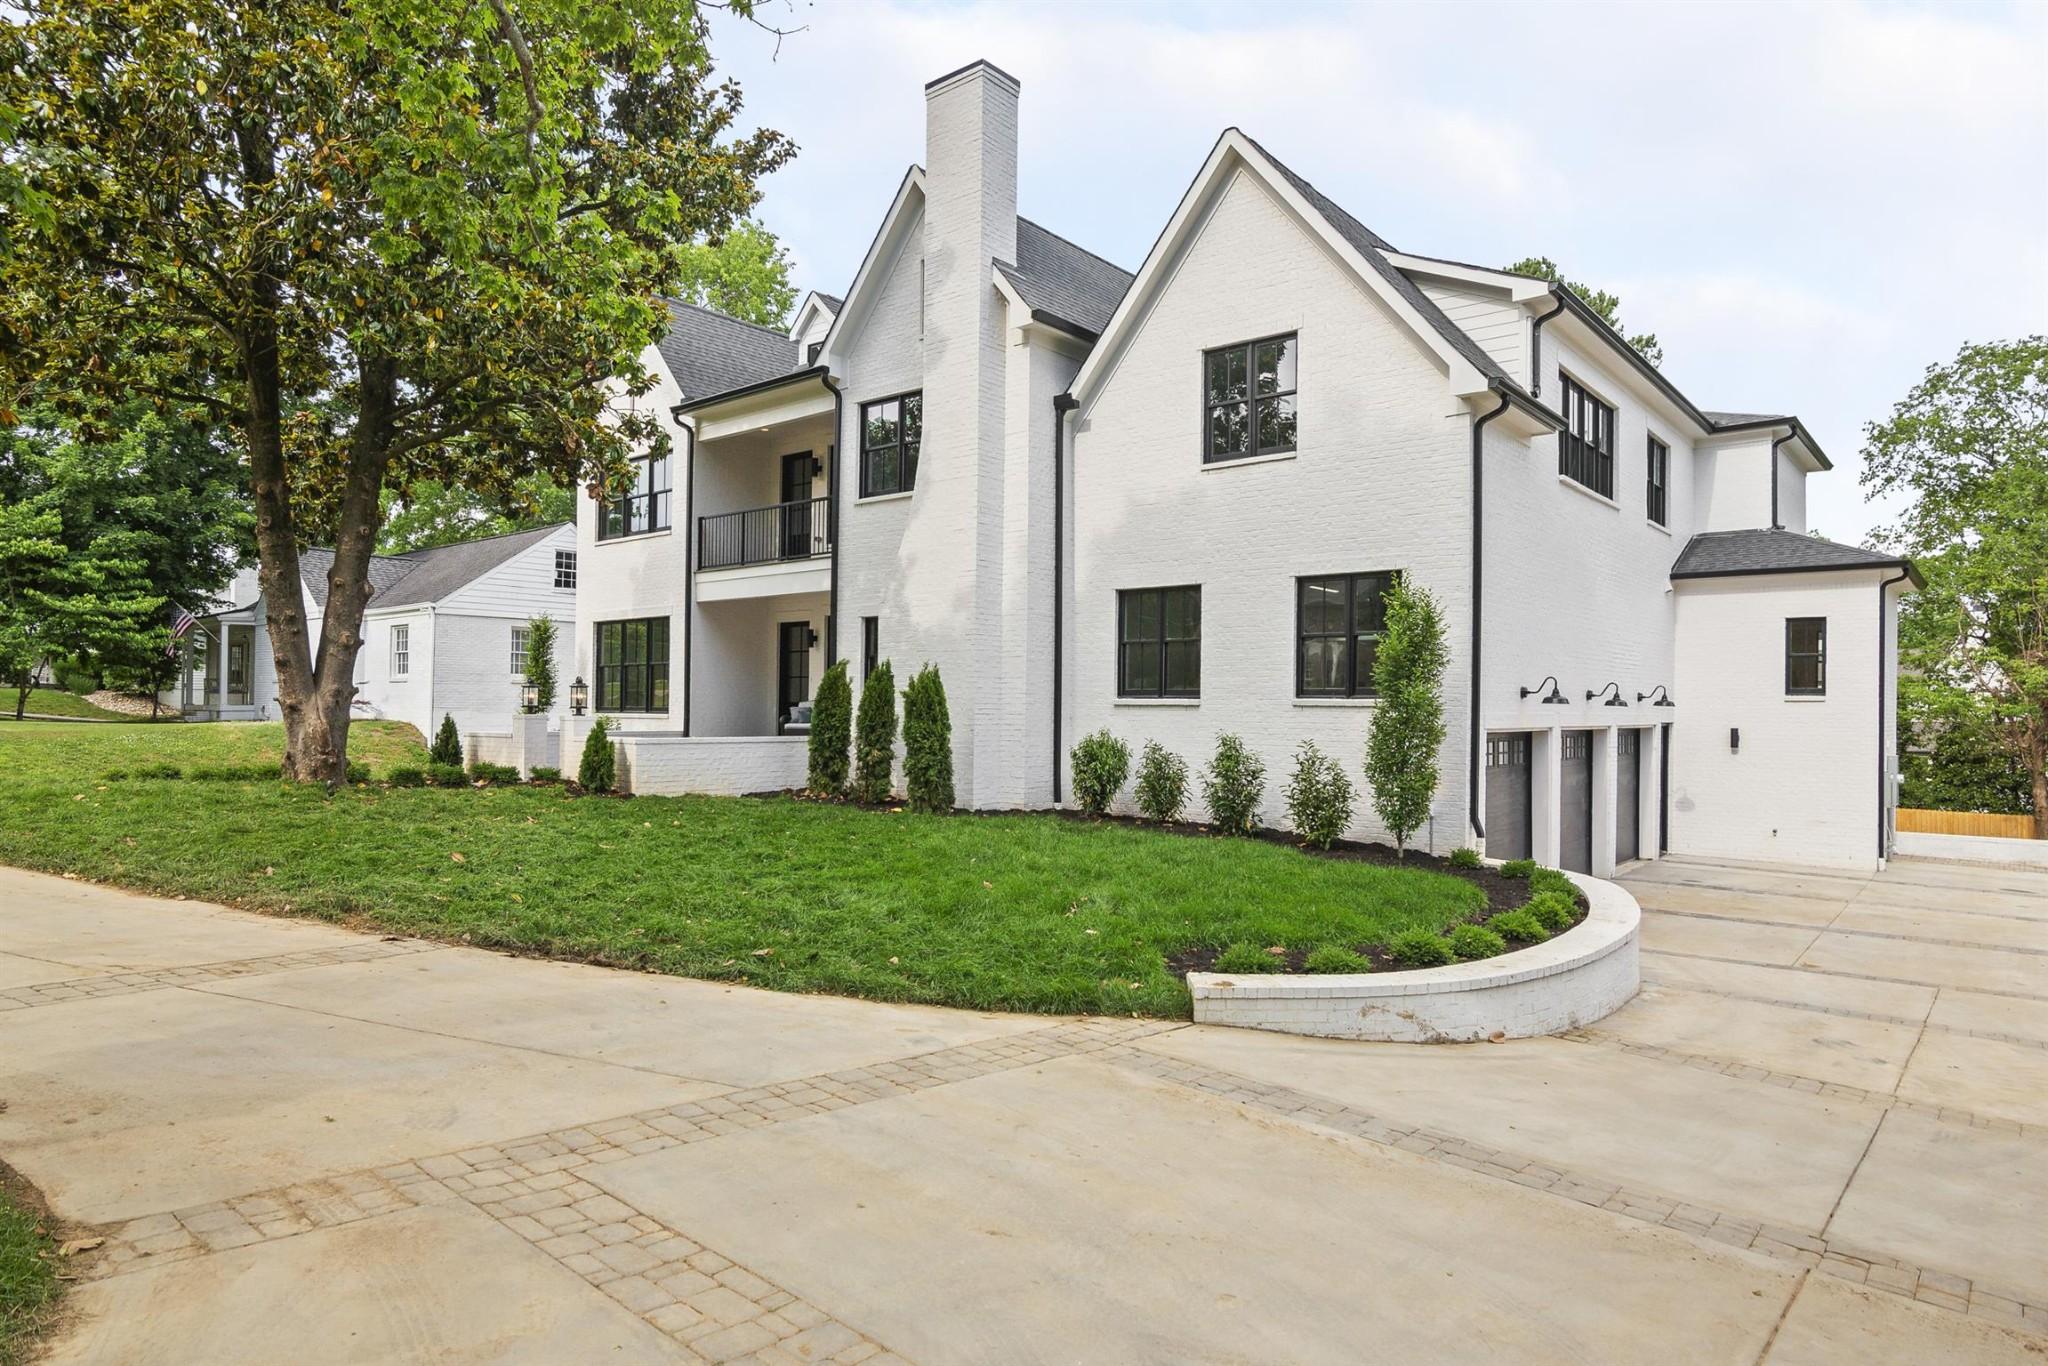 $1,989,800 - 5Br/8Ba -  for Sale in Green Hills, Nashville